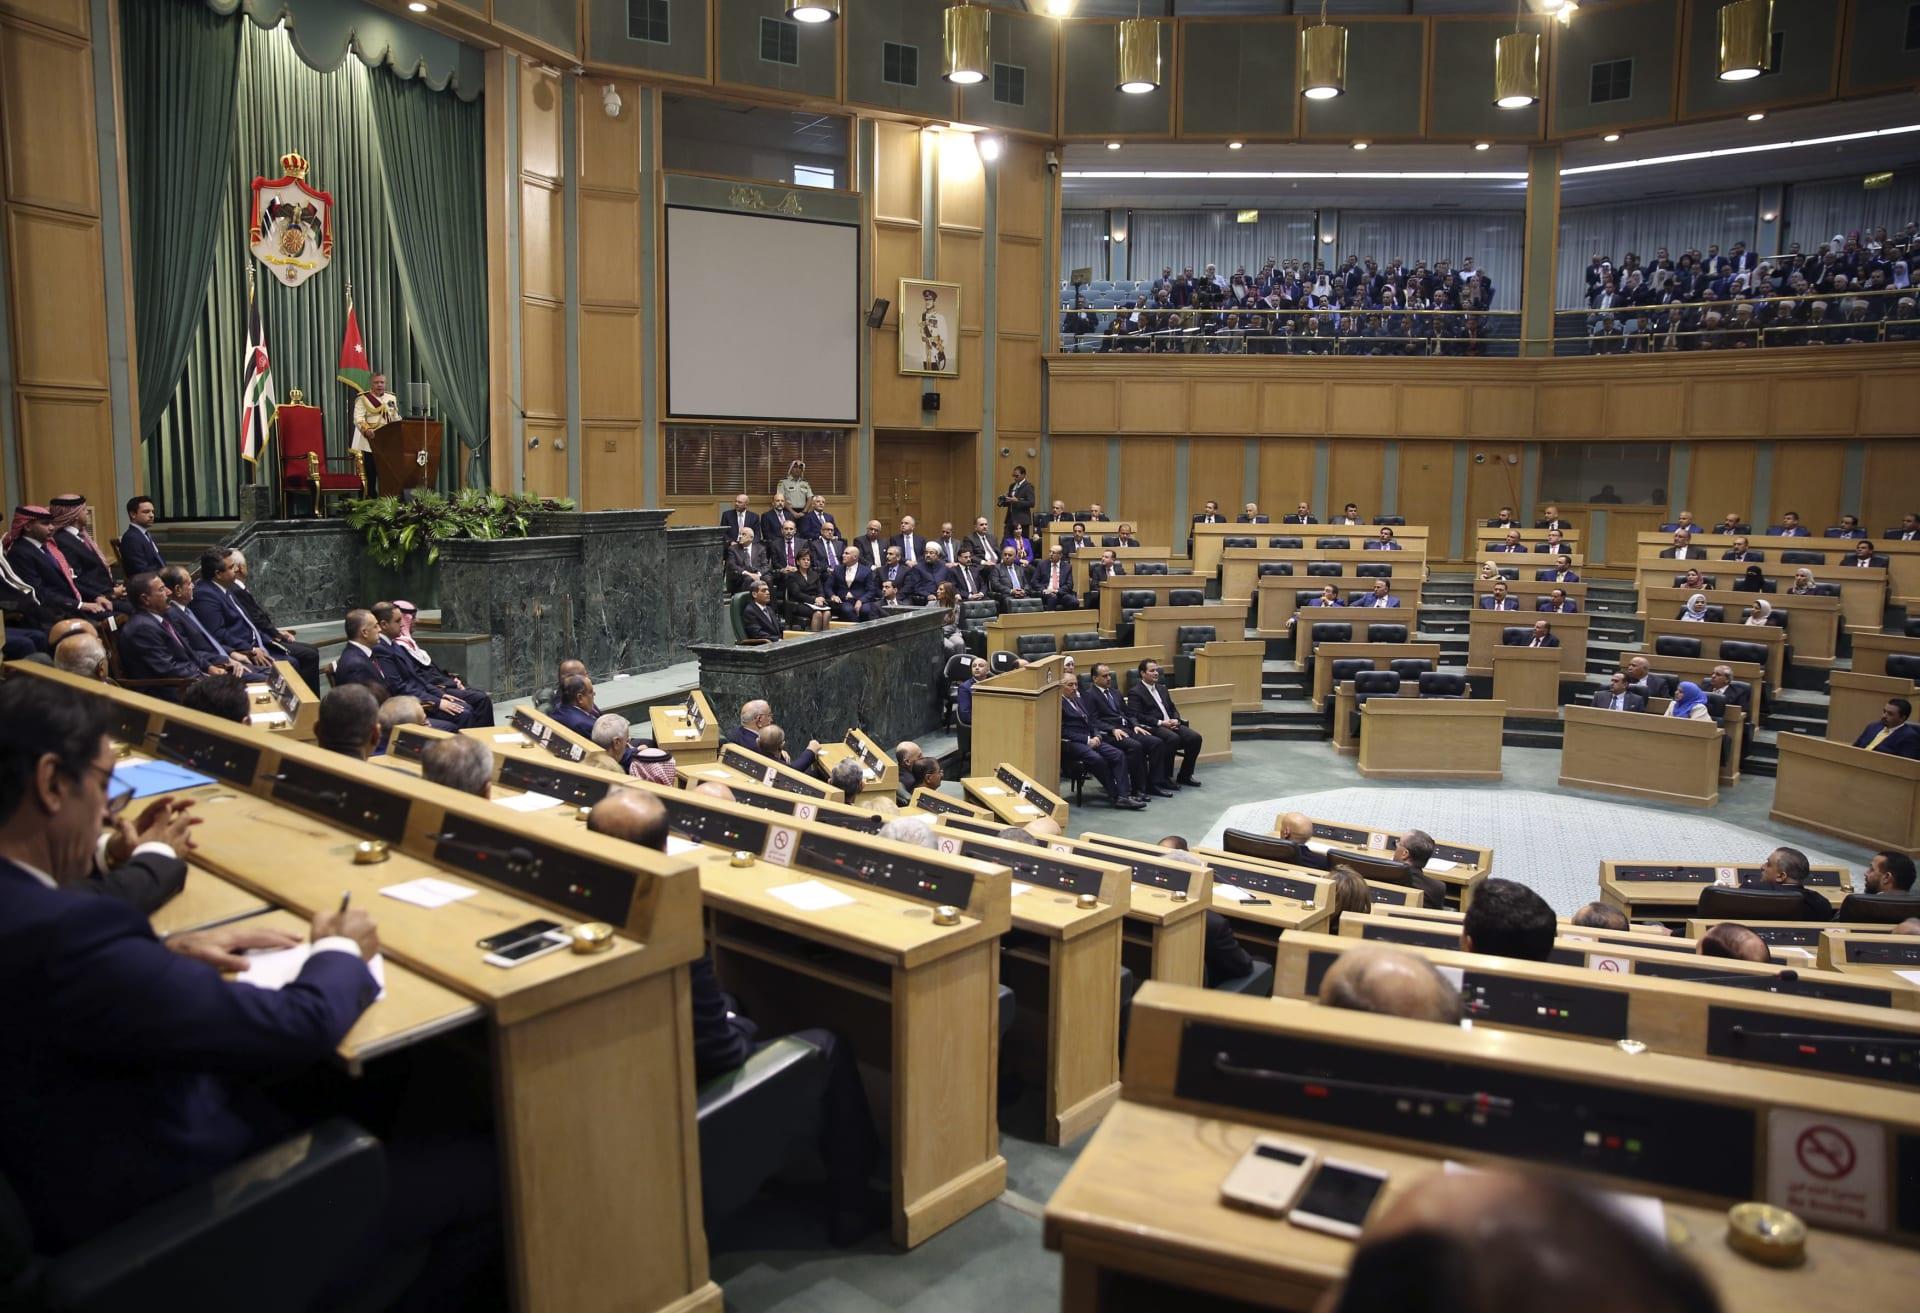 الأردن: انتقادات في مجلس النواب للاتفاقية الدفاعية مع الولايات المتحدة.. والحكومة تعلق